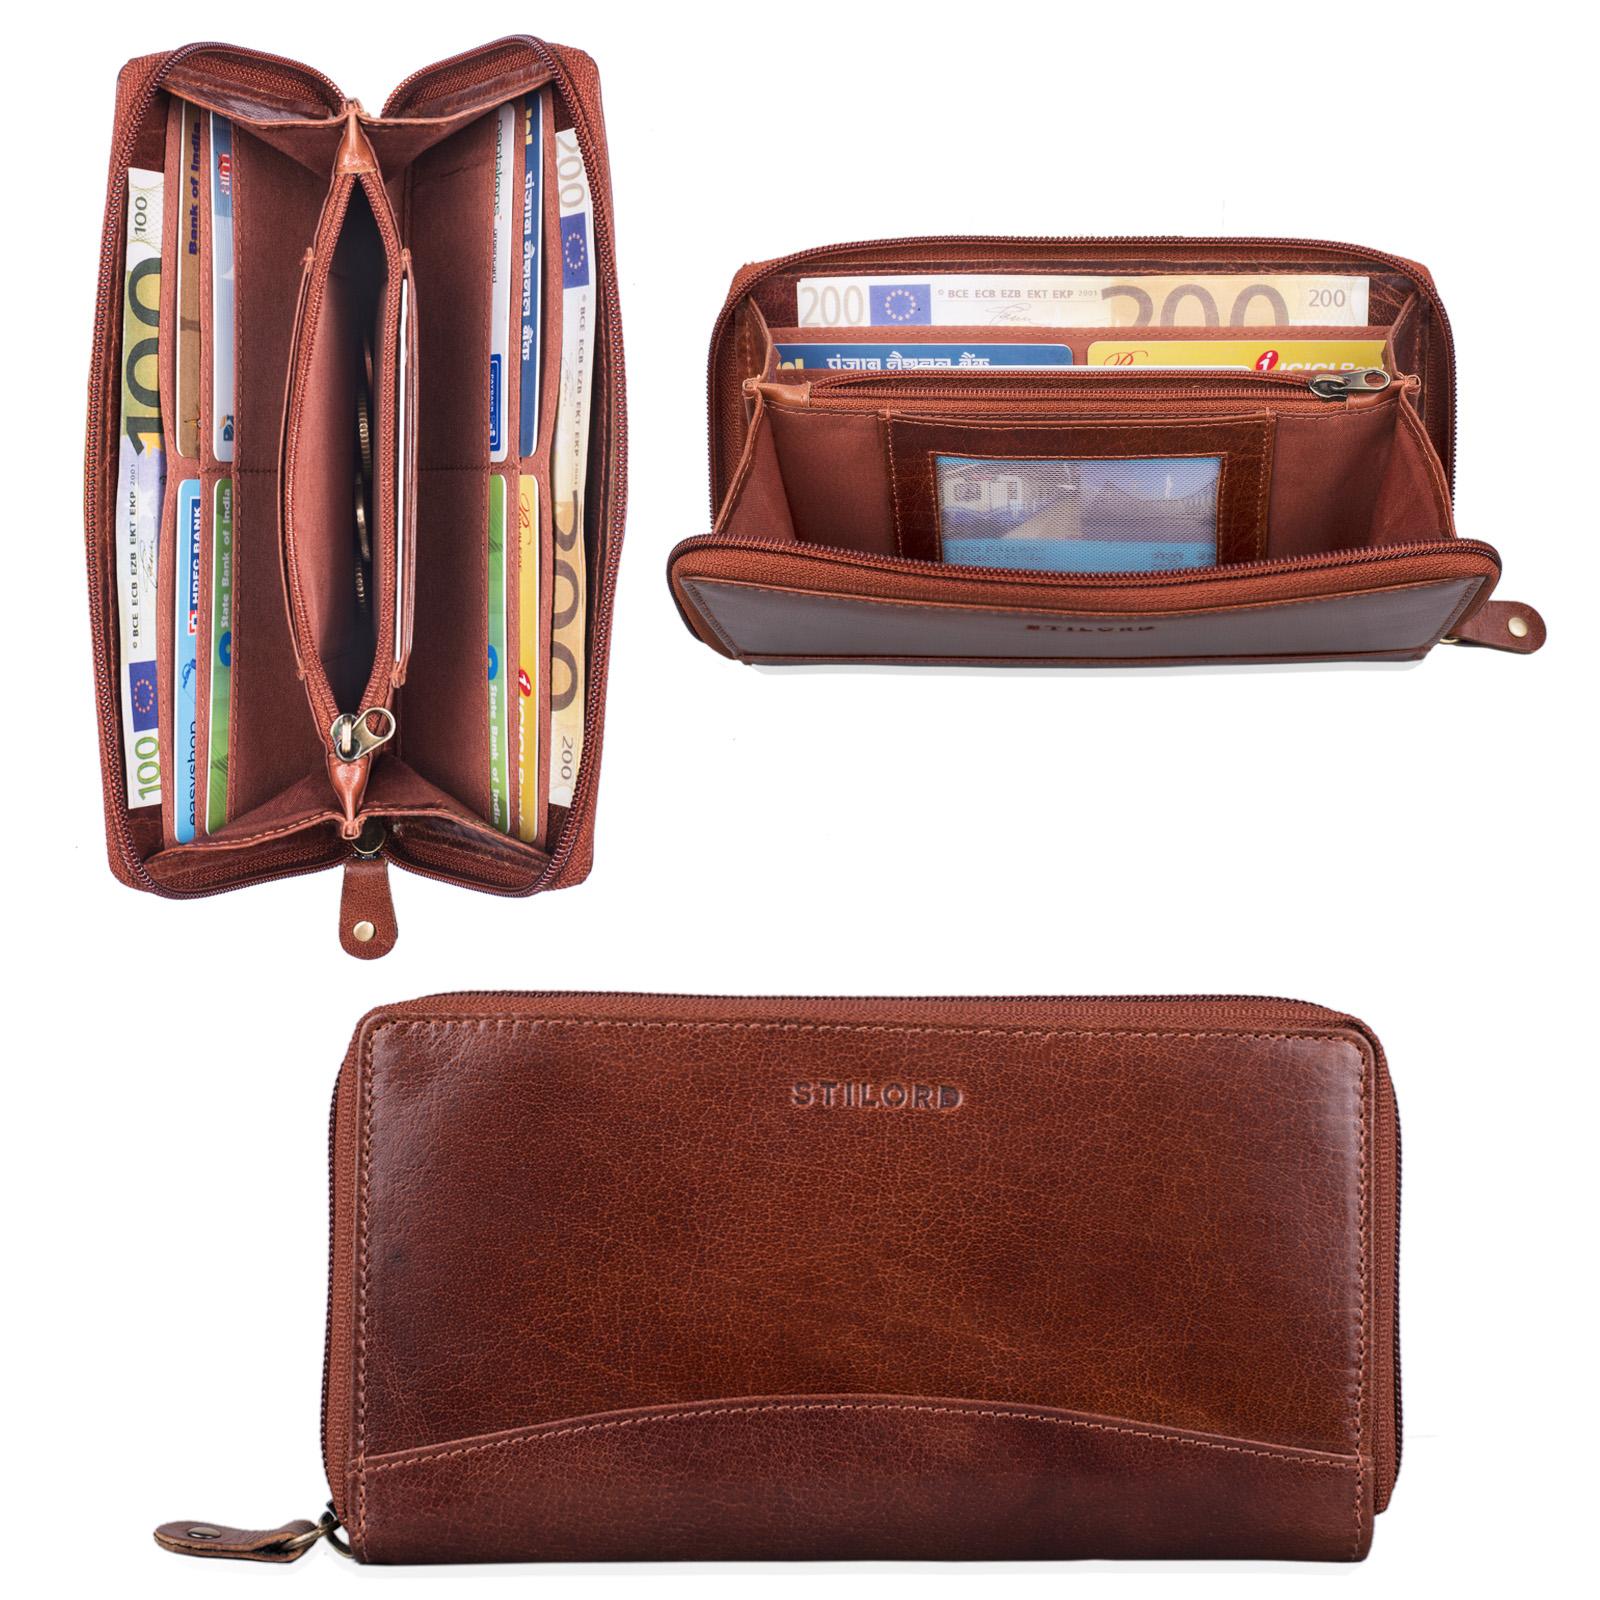 """STILORD """"Saskia"""" Portemonnaie Damen Leder groß viele Fächer Vintage Brieftasche im Querformat Geldbörse mit Reißverschluss für EC-Karten Kleingeld Ausweis - Bild 2"""